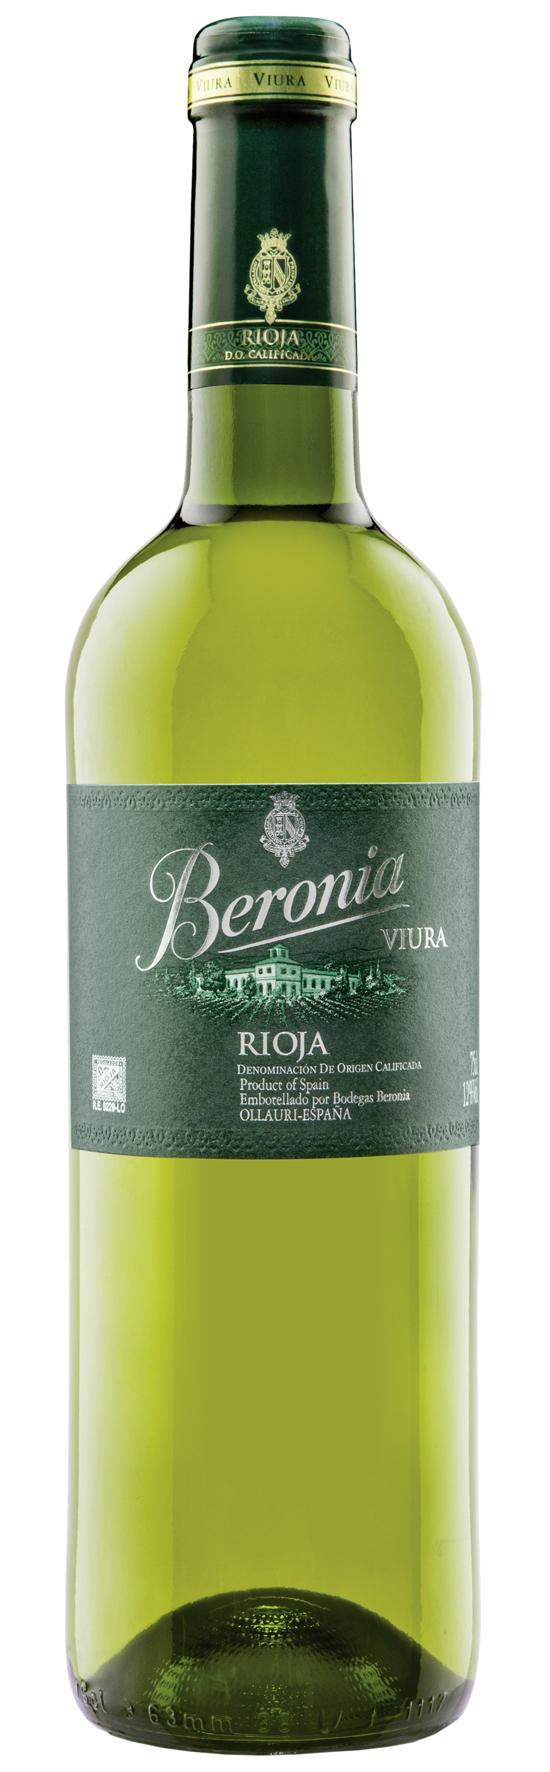 2016 Viura Bodegas Beronia DOCa Rioja